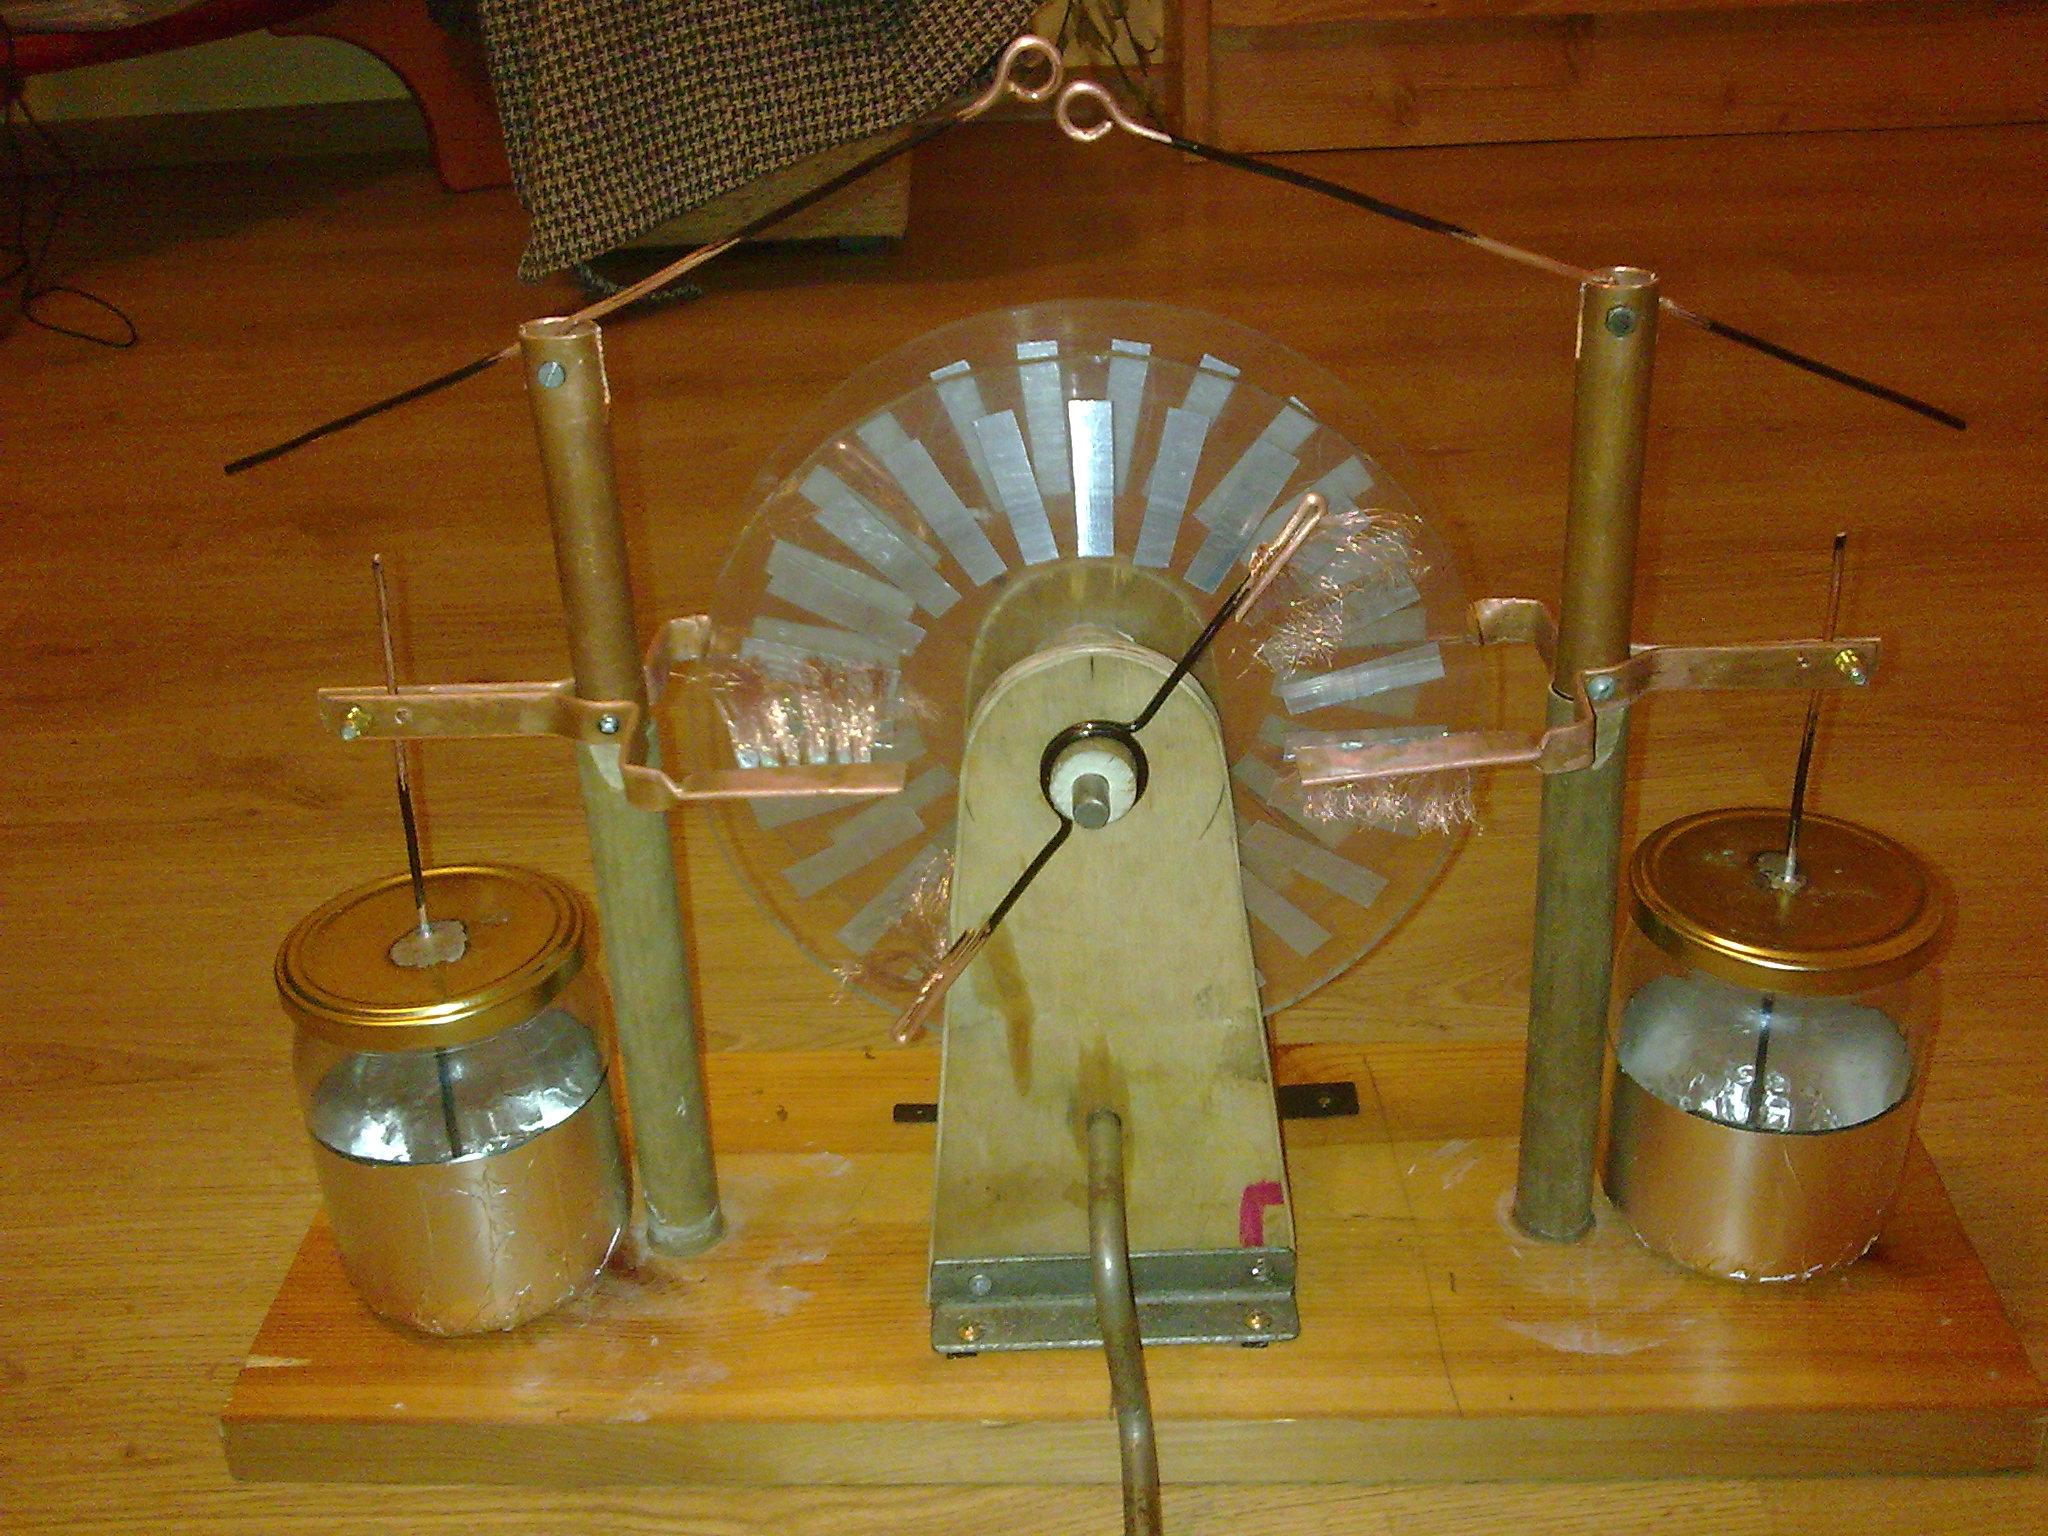 Maszyna elektrostatyczna nie dzia�a. Co zrobi�em �le?